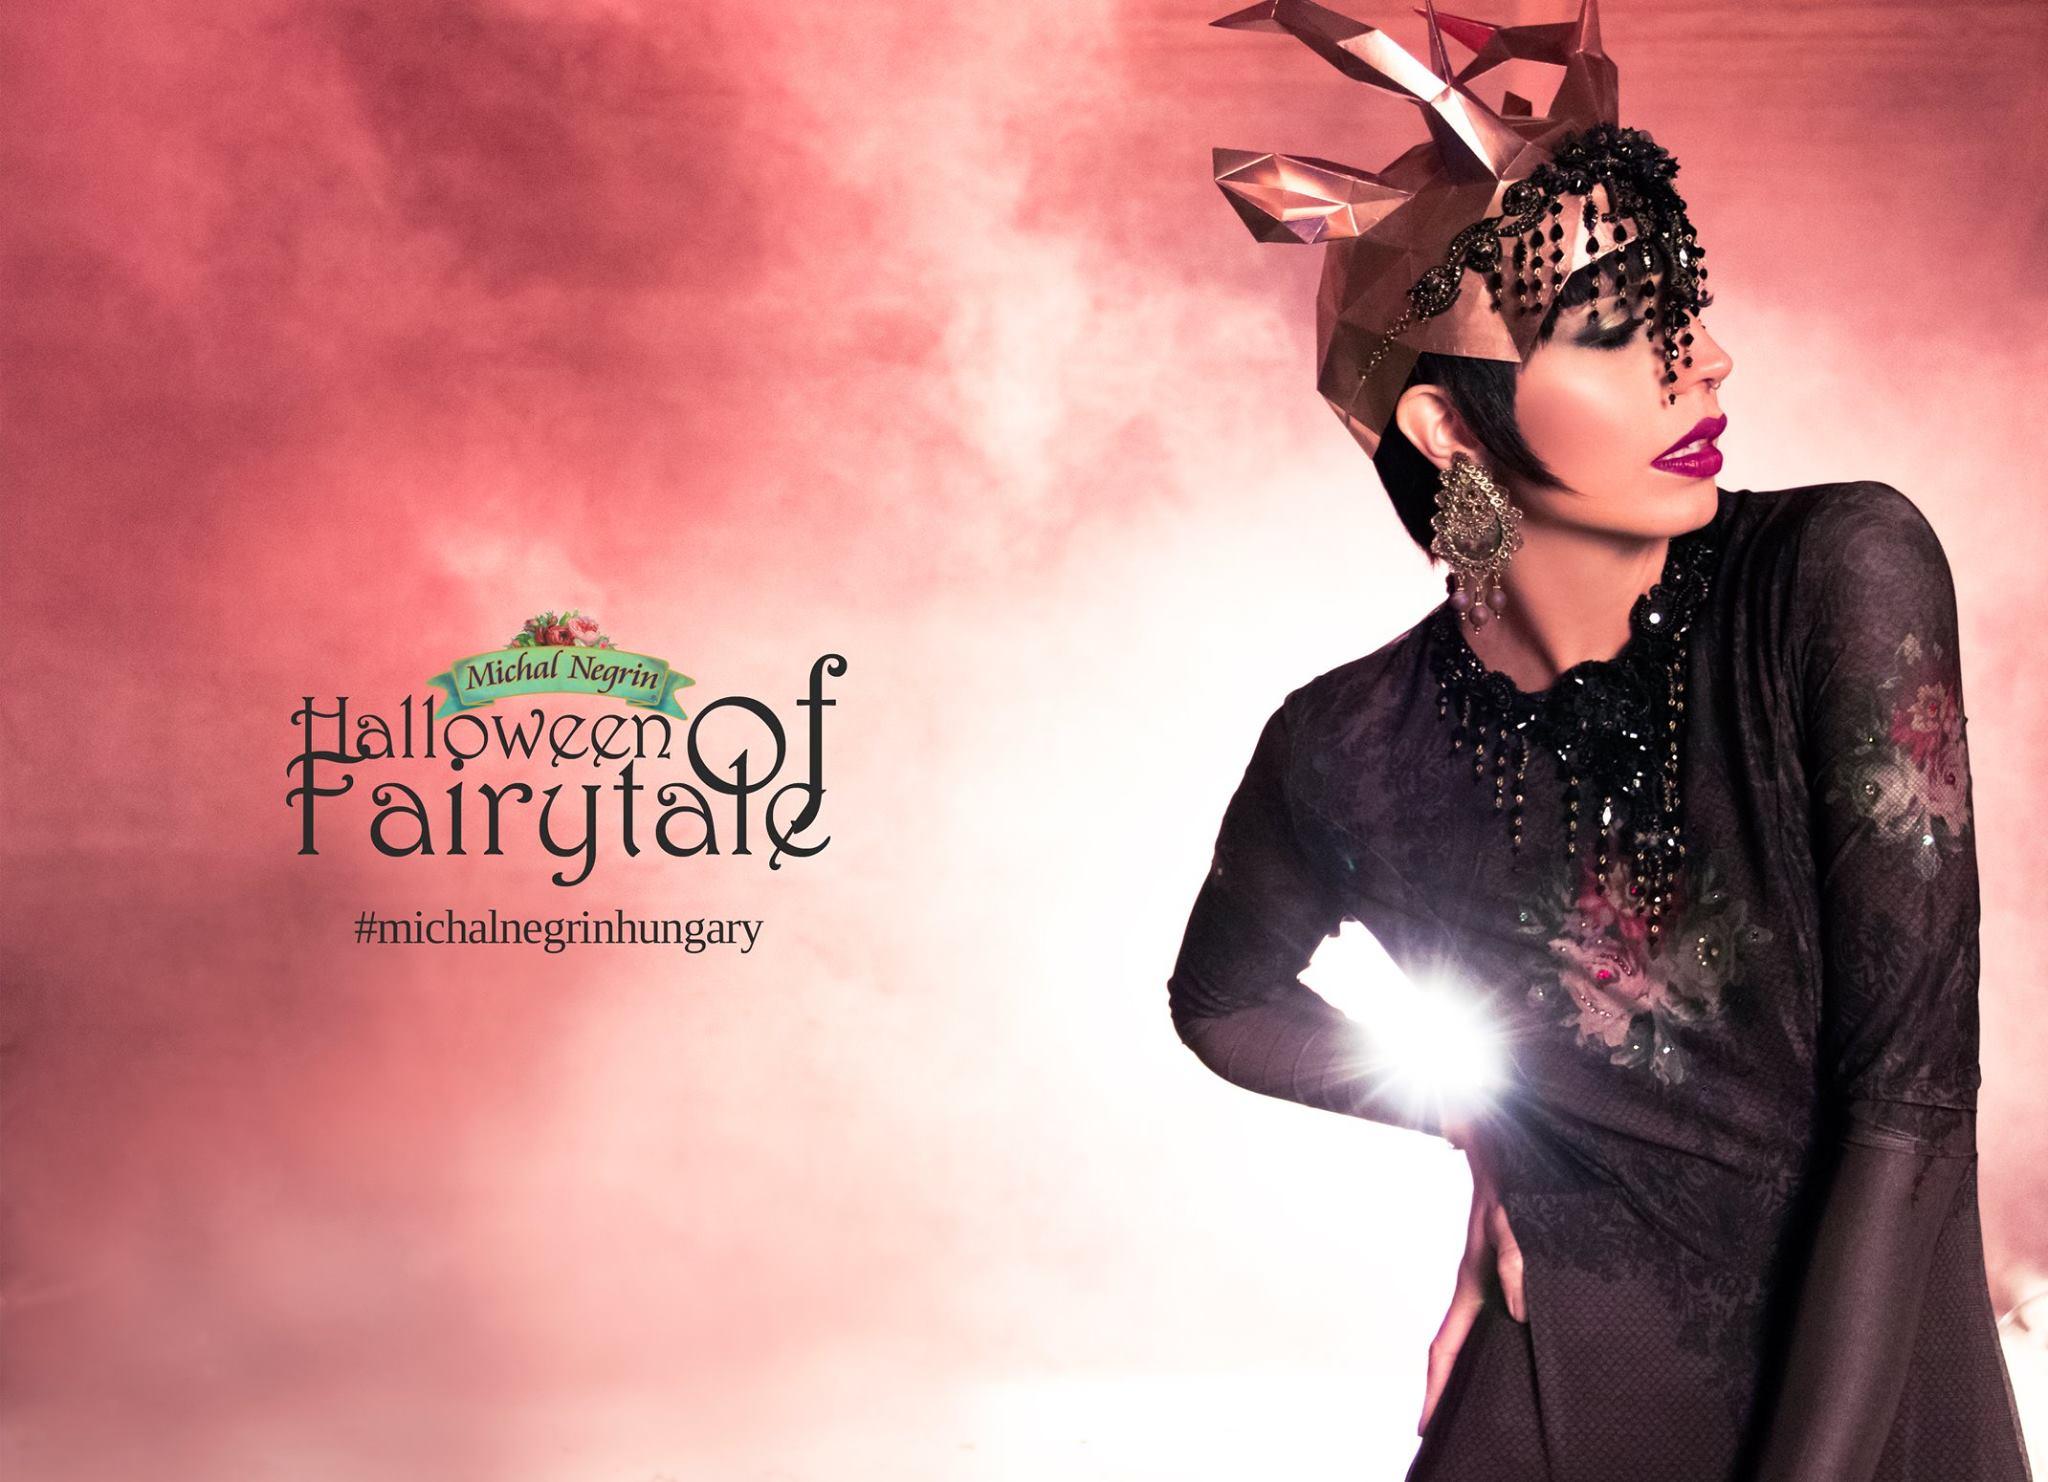 A Halloween egyre elterjedtebb hazánkban is. Készülj velünk a MICHAL NEGRINNEL erre az alkalomra! A hagyományos motívumok helyett, valami újjal találkozhatsz, káprázatos ruhák, és a Halloween után is hordhatod kedvenc darabodat :)